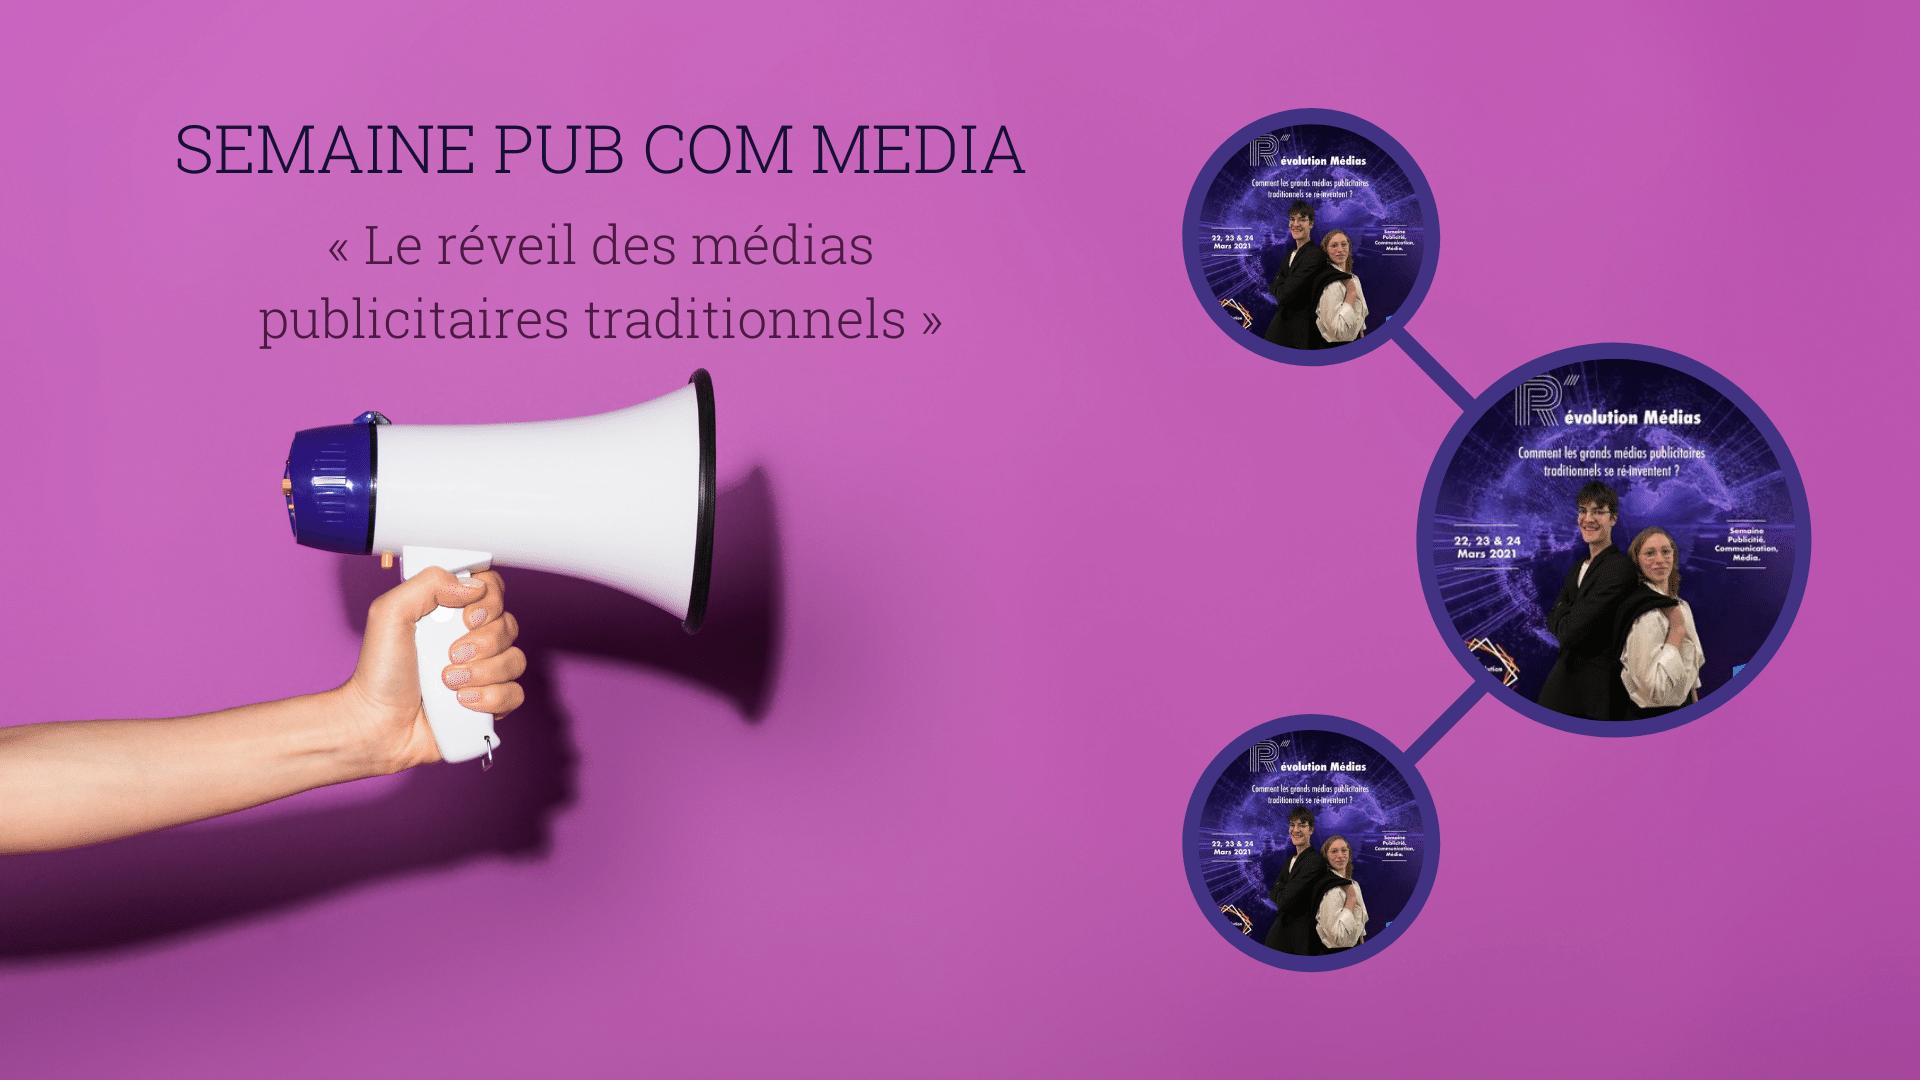 Semaine Pub Com Media à Paris : « Le réveil des médias publicitaires traditionnels »